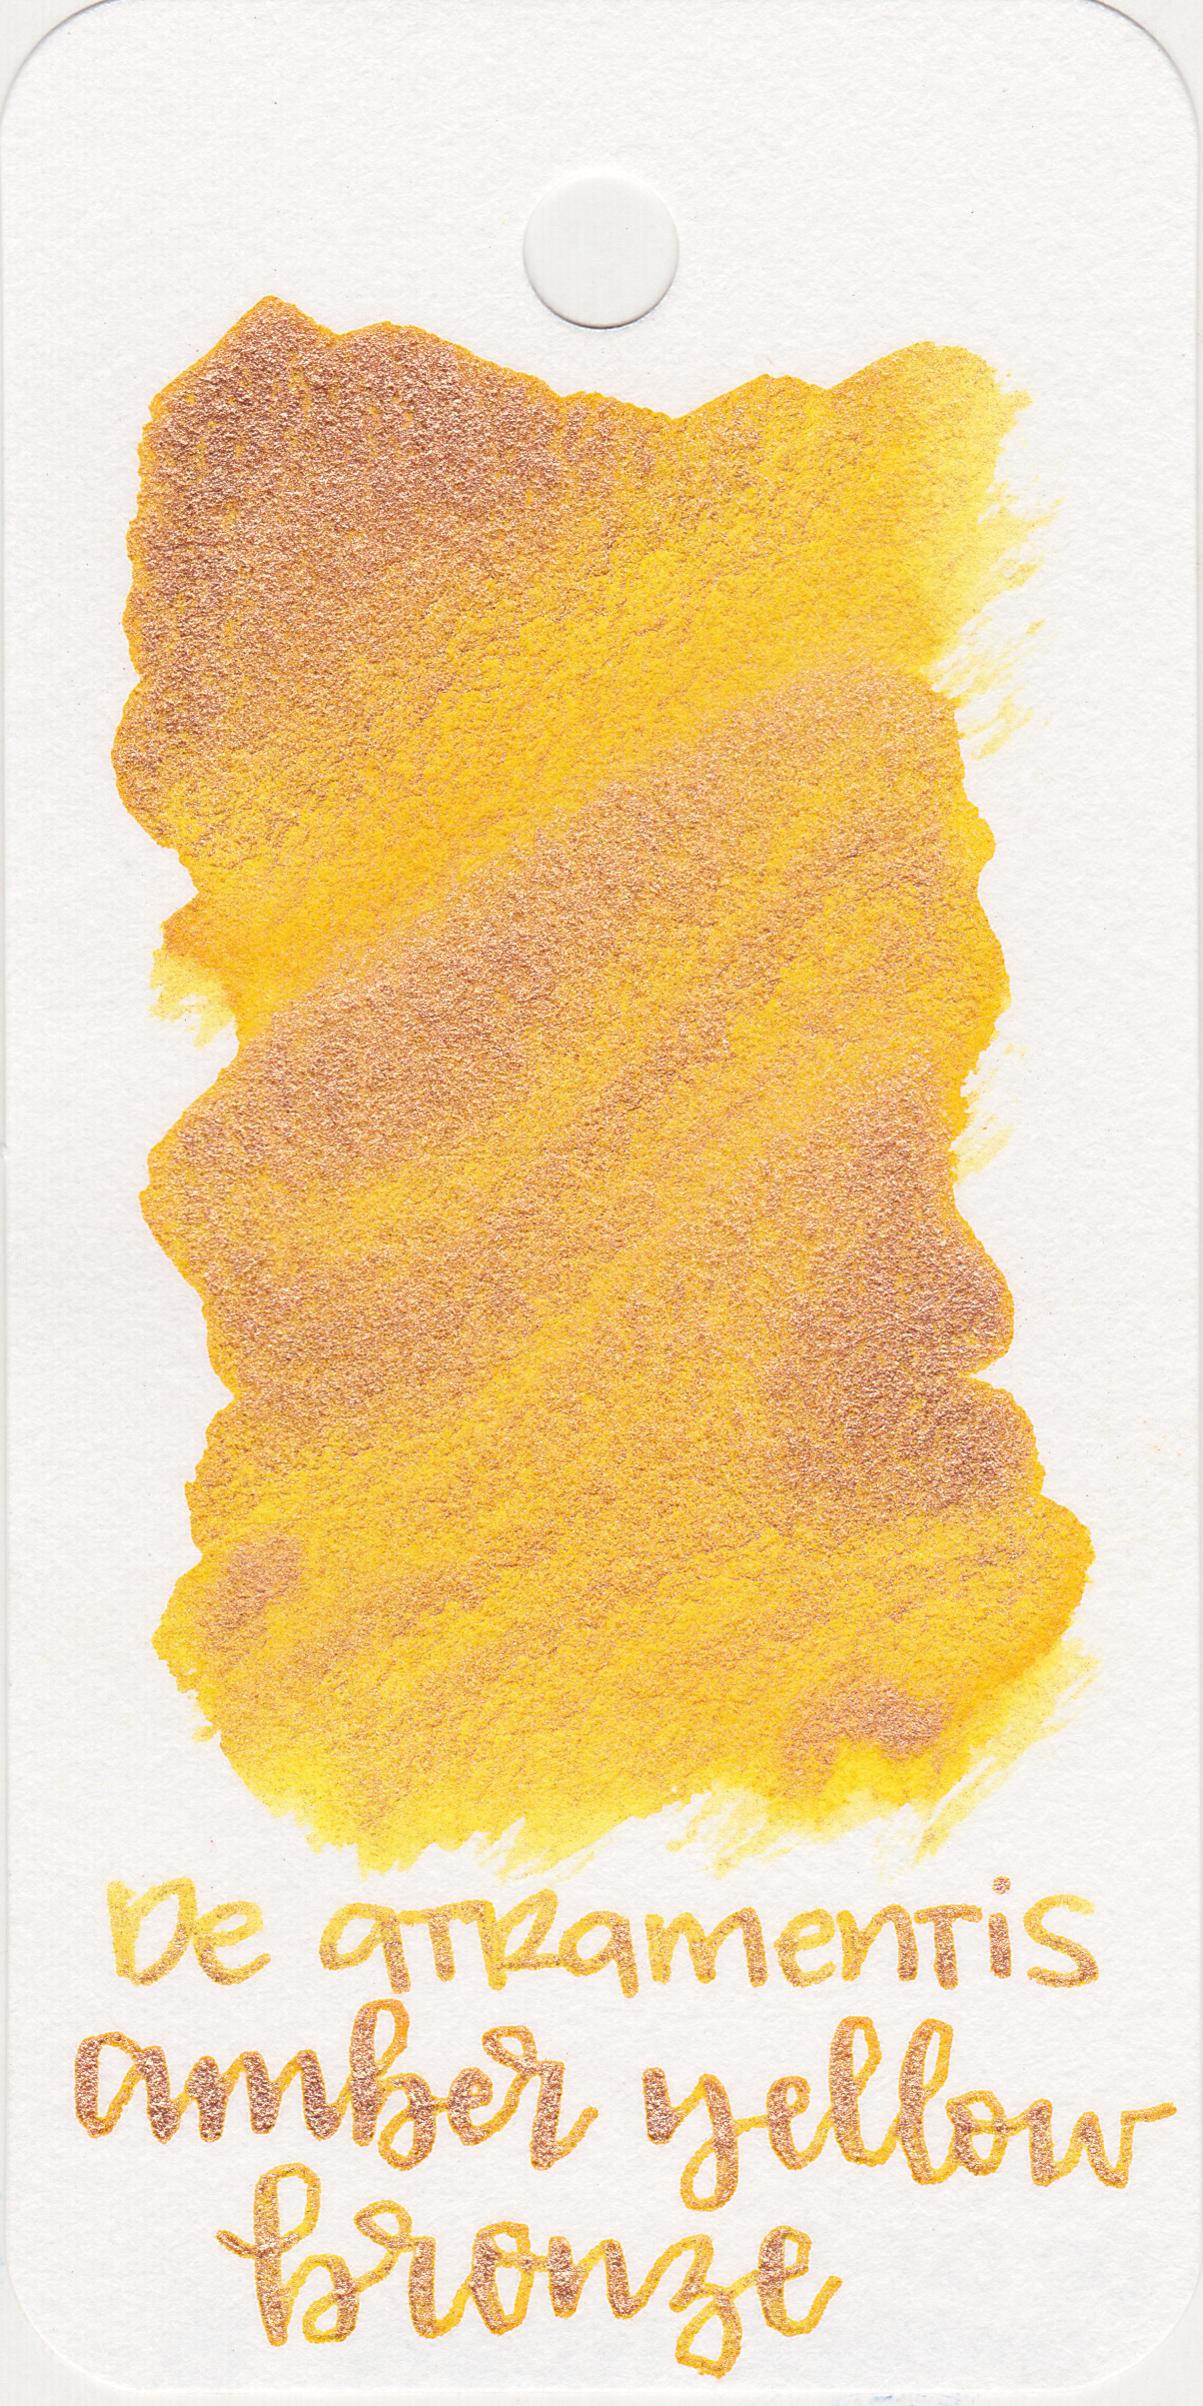 da-amber-yellow-bronze-1.jpg